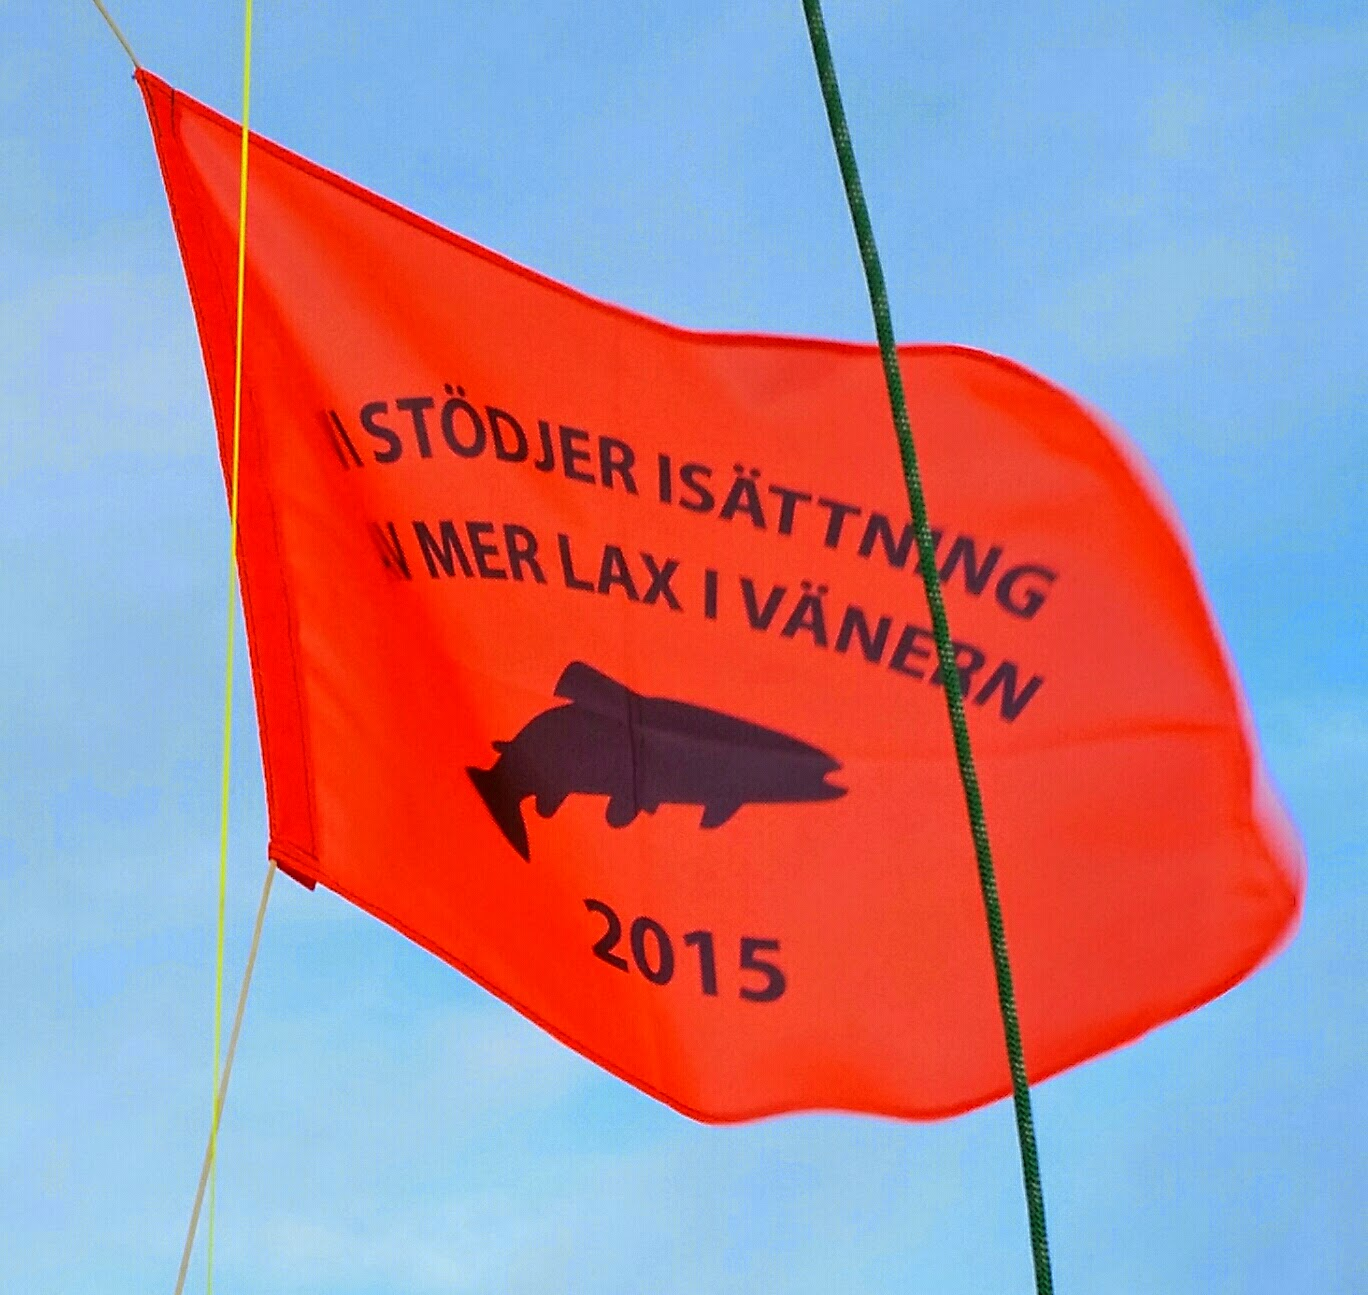 Köp flaggan av Team Bull, Melleruds trollingklubb